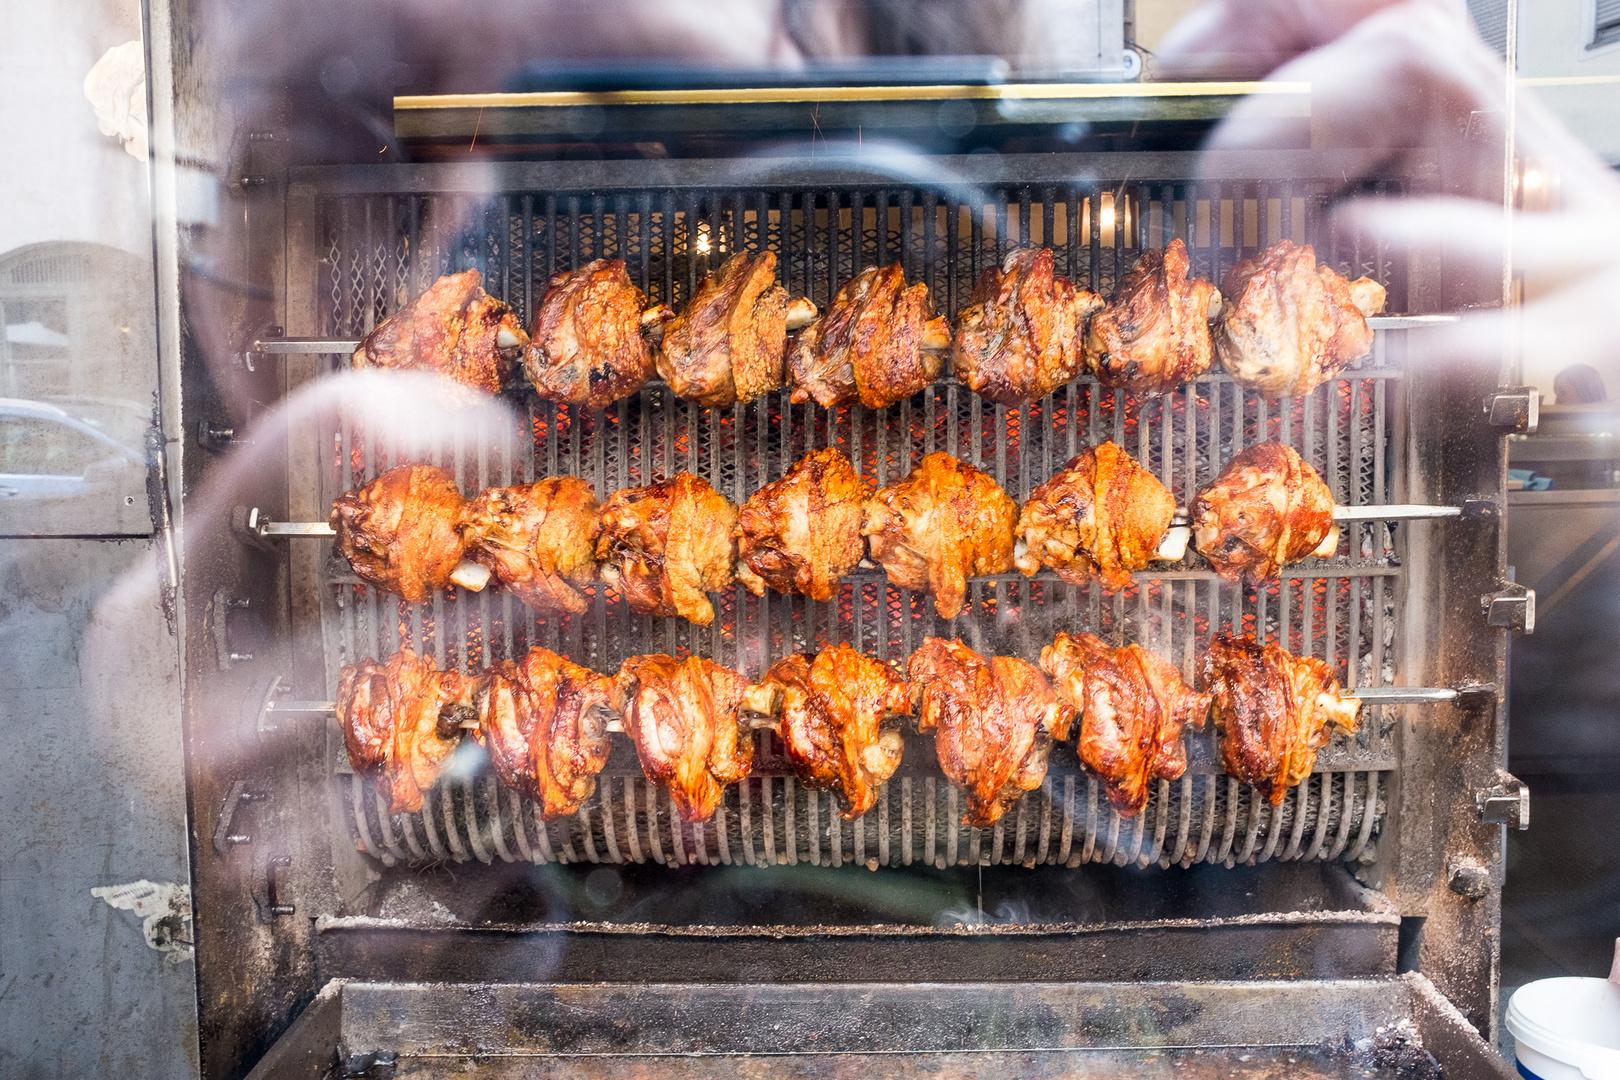 Photographers View on meat - wieviel Fleisch brauchen wir?